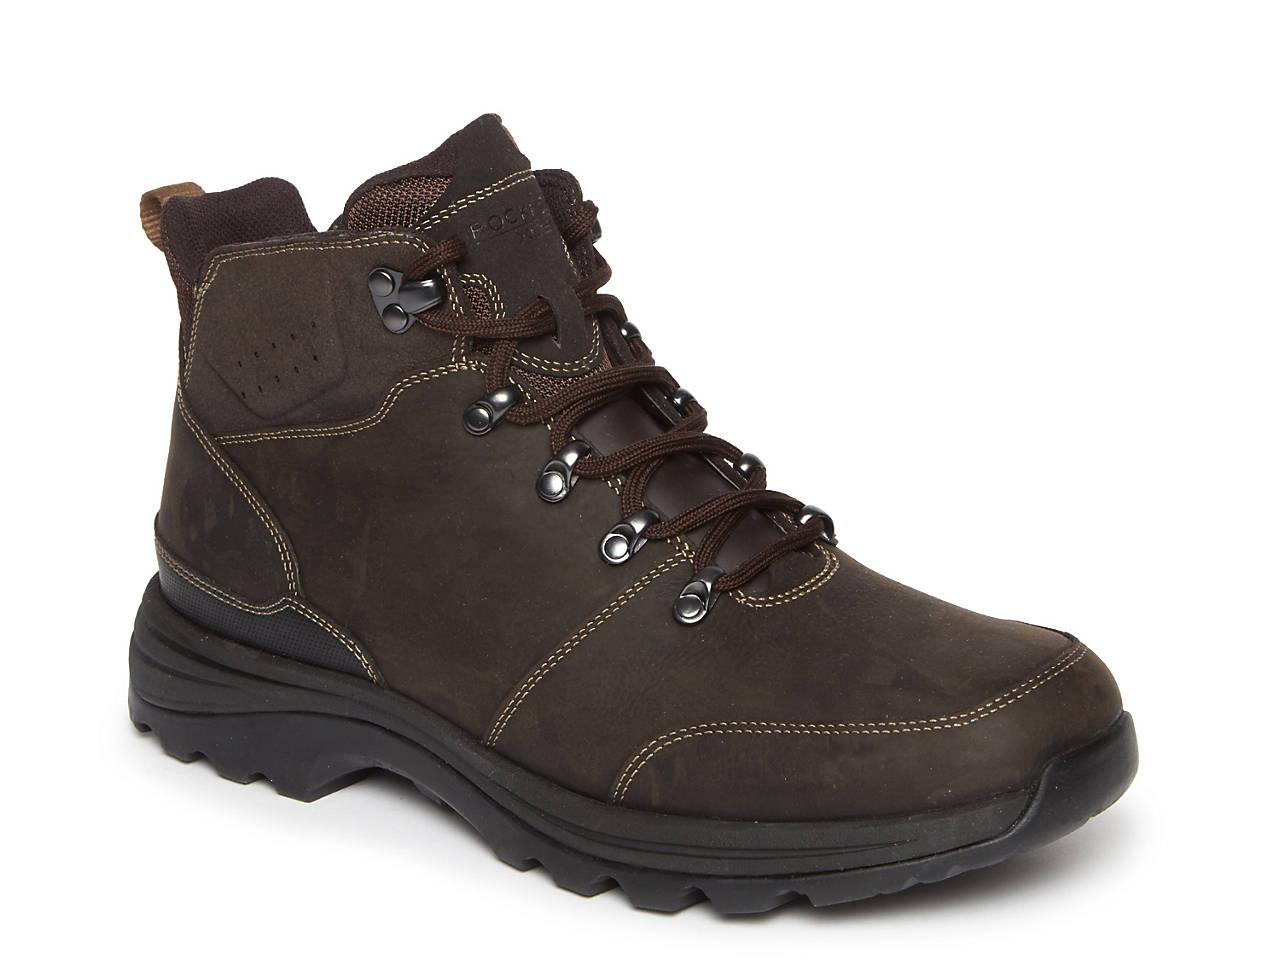 891d1a366fa XCS Mudguard Boot